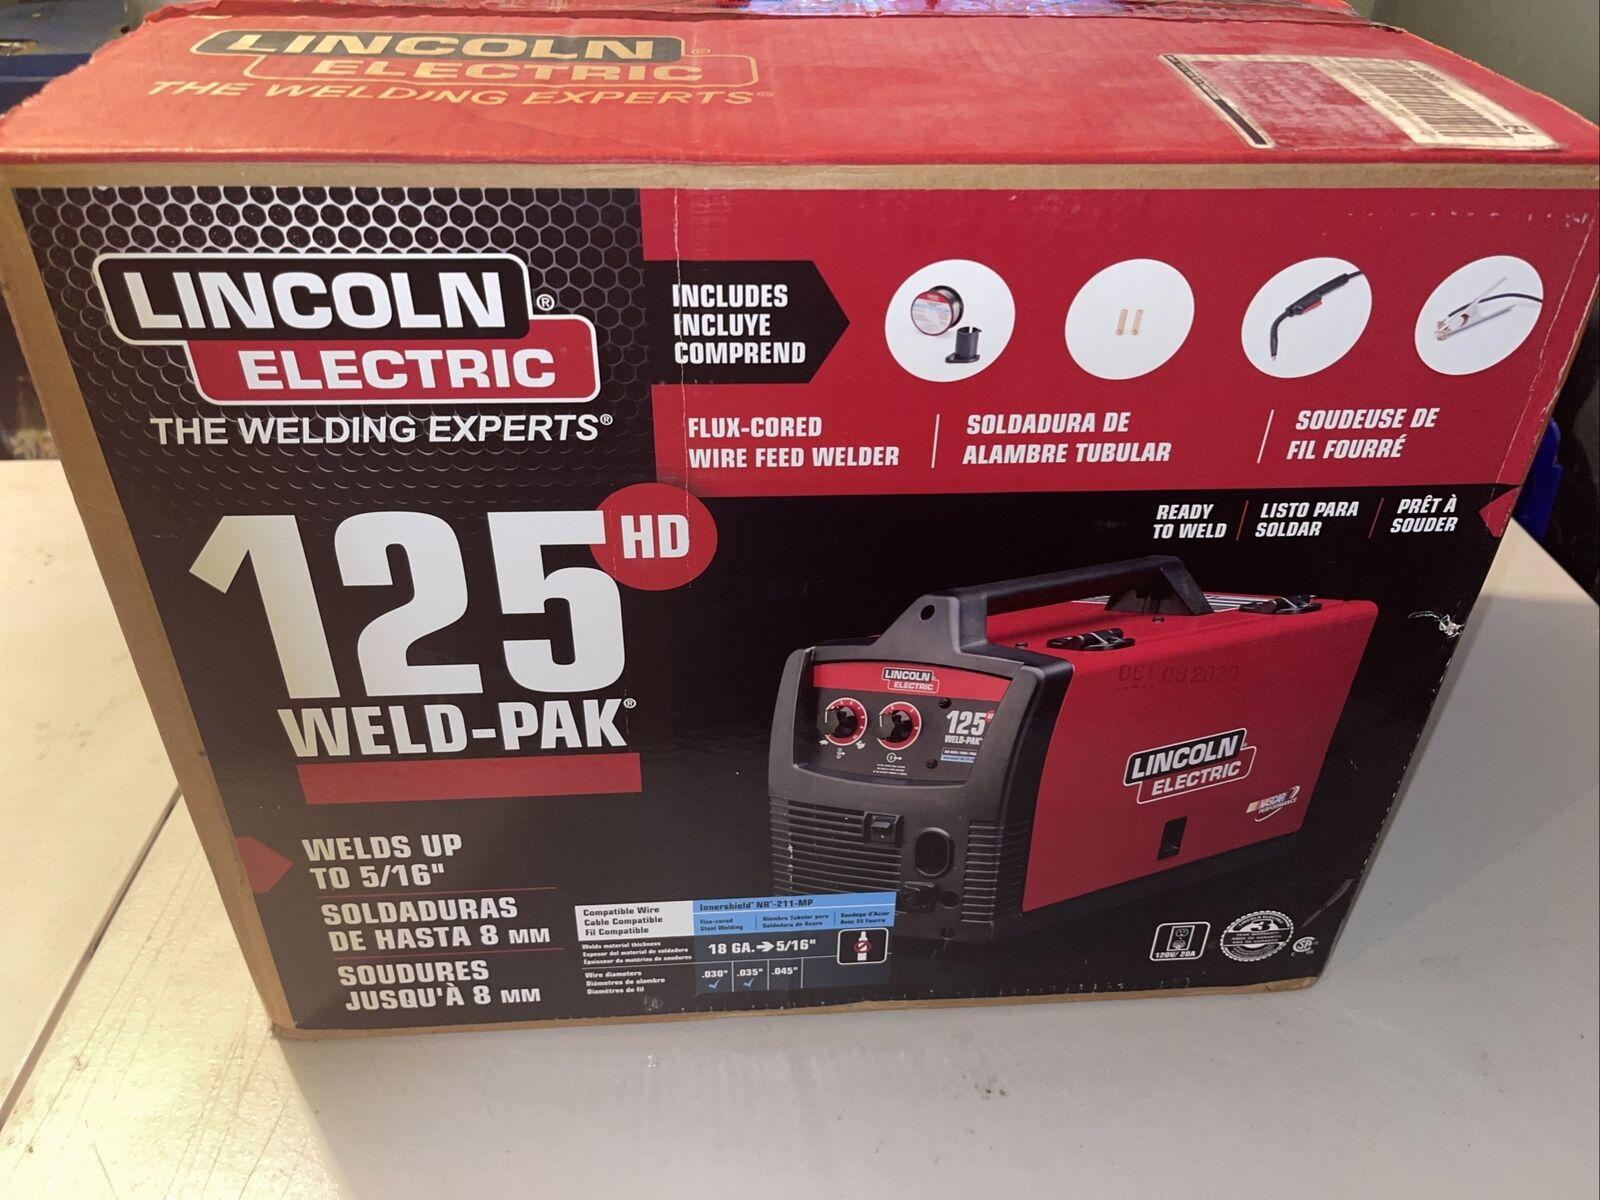 K25131 vickco38 Lincoln Electric 125 Weld-Pak 125 HD Flux-Cored Welder